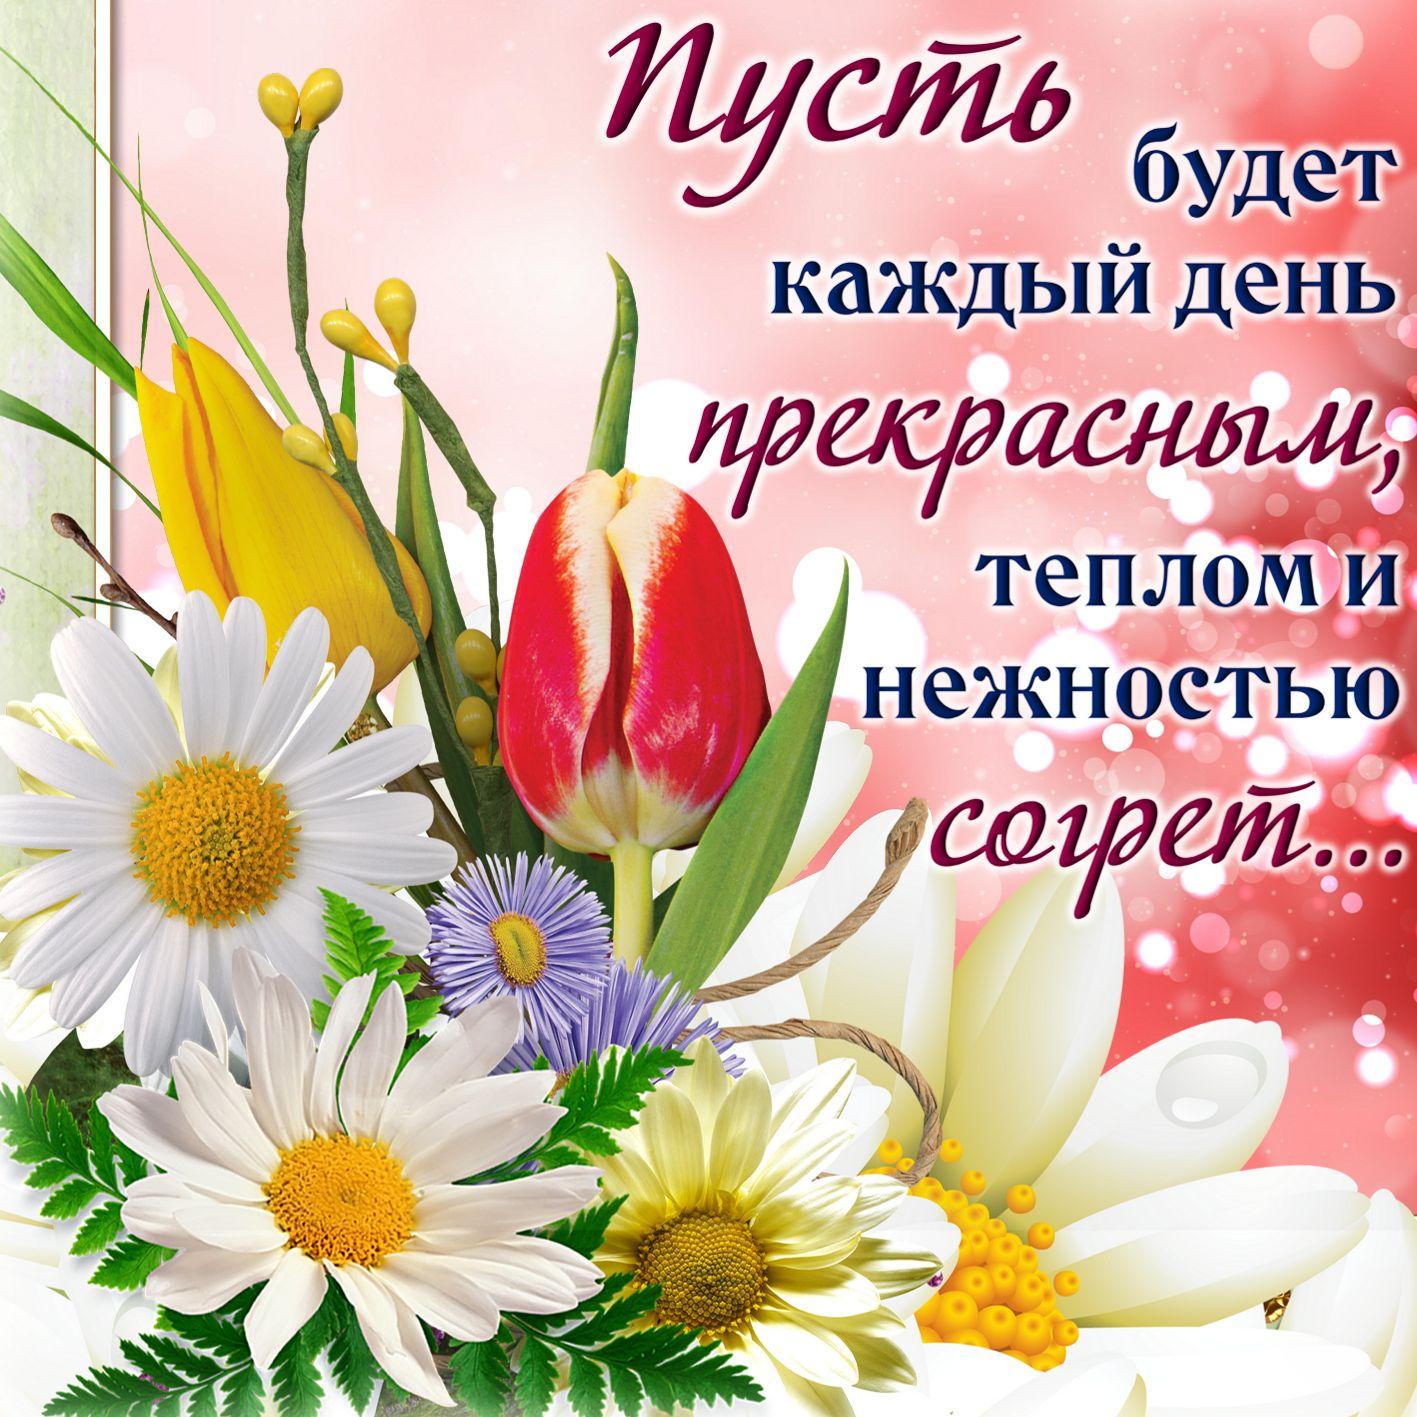 Прекрасного дня и здоровья, рождения